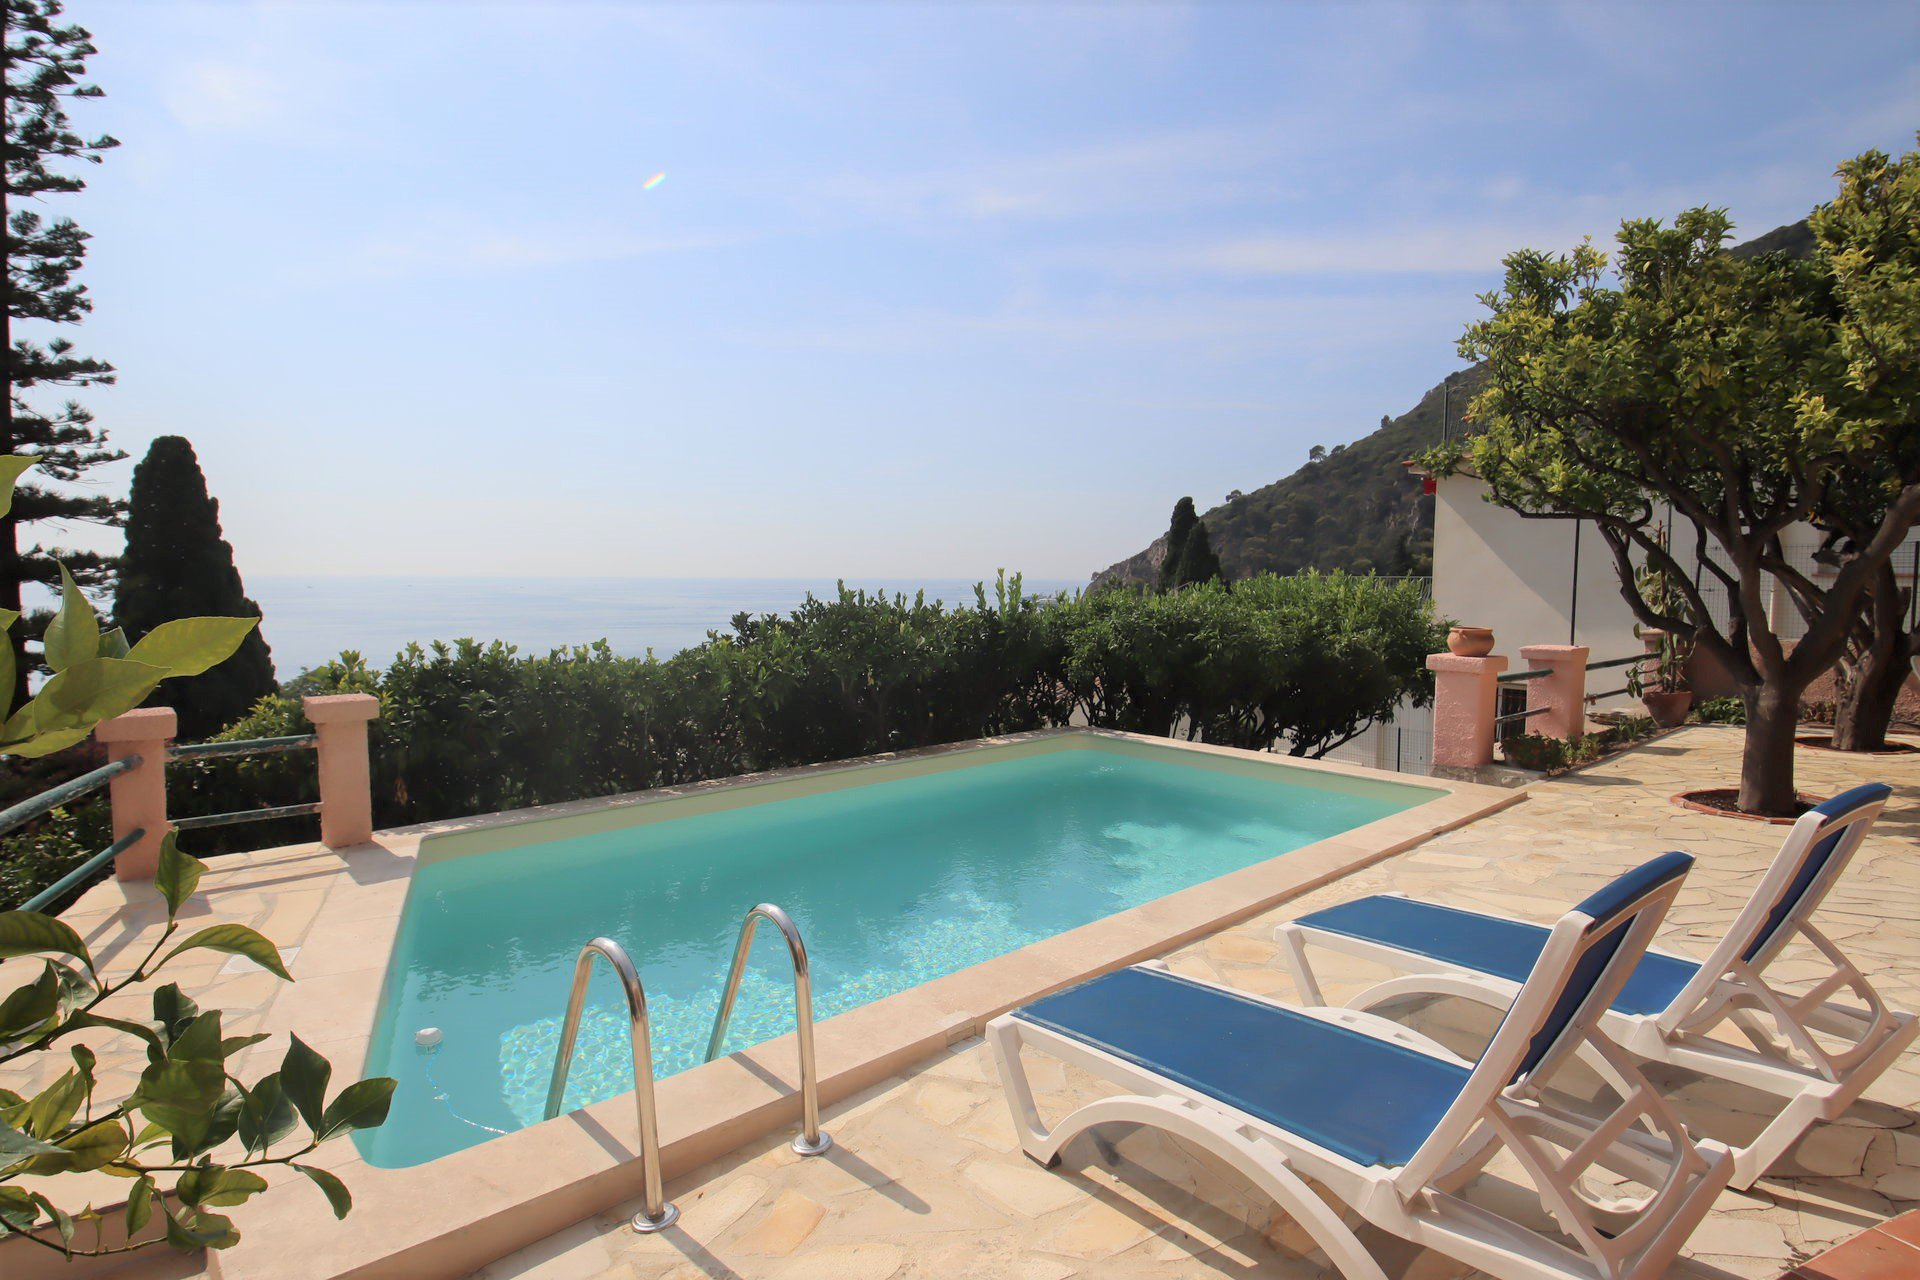 Eze bord de mer villa 200 m² piscine